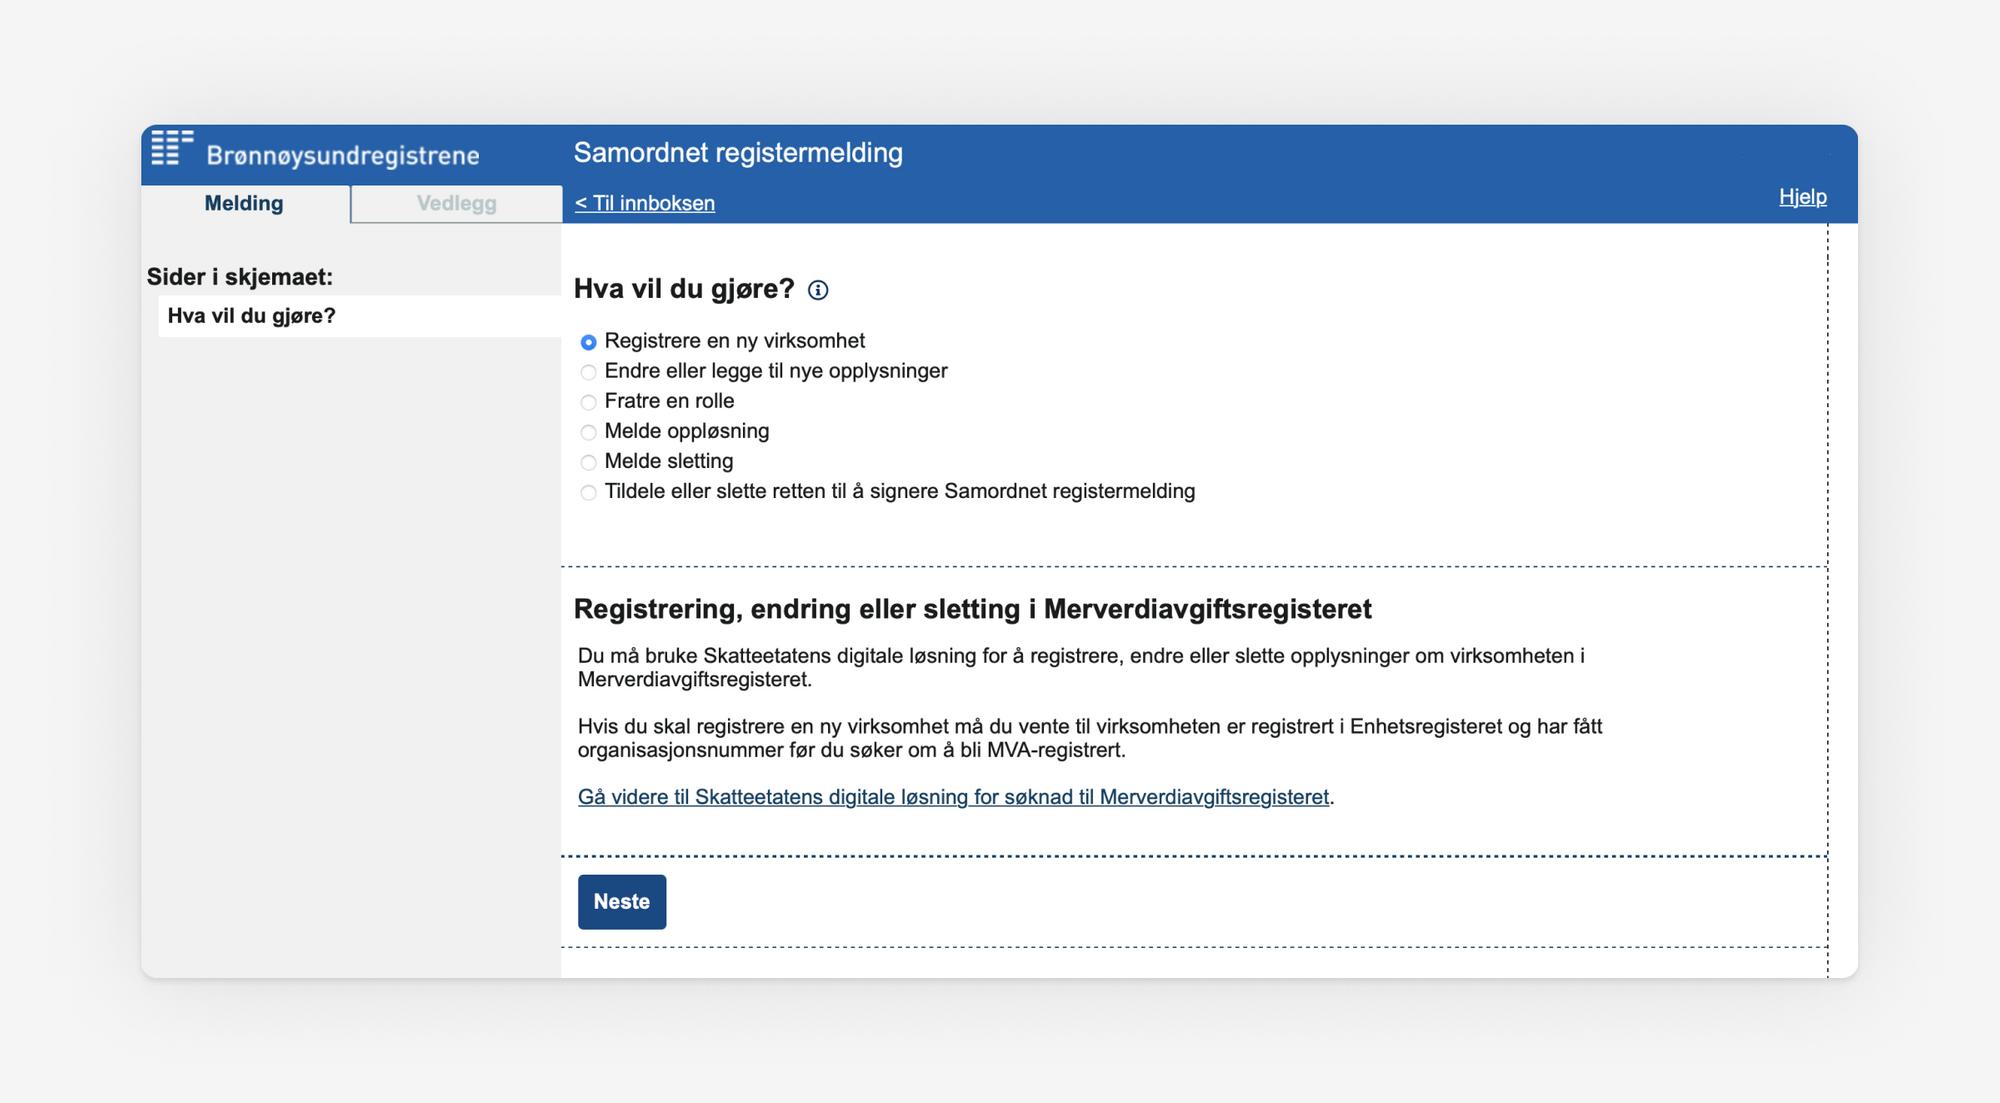 Skjermbilde som viser første steg i Samordet registermelding